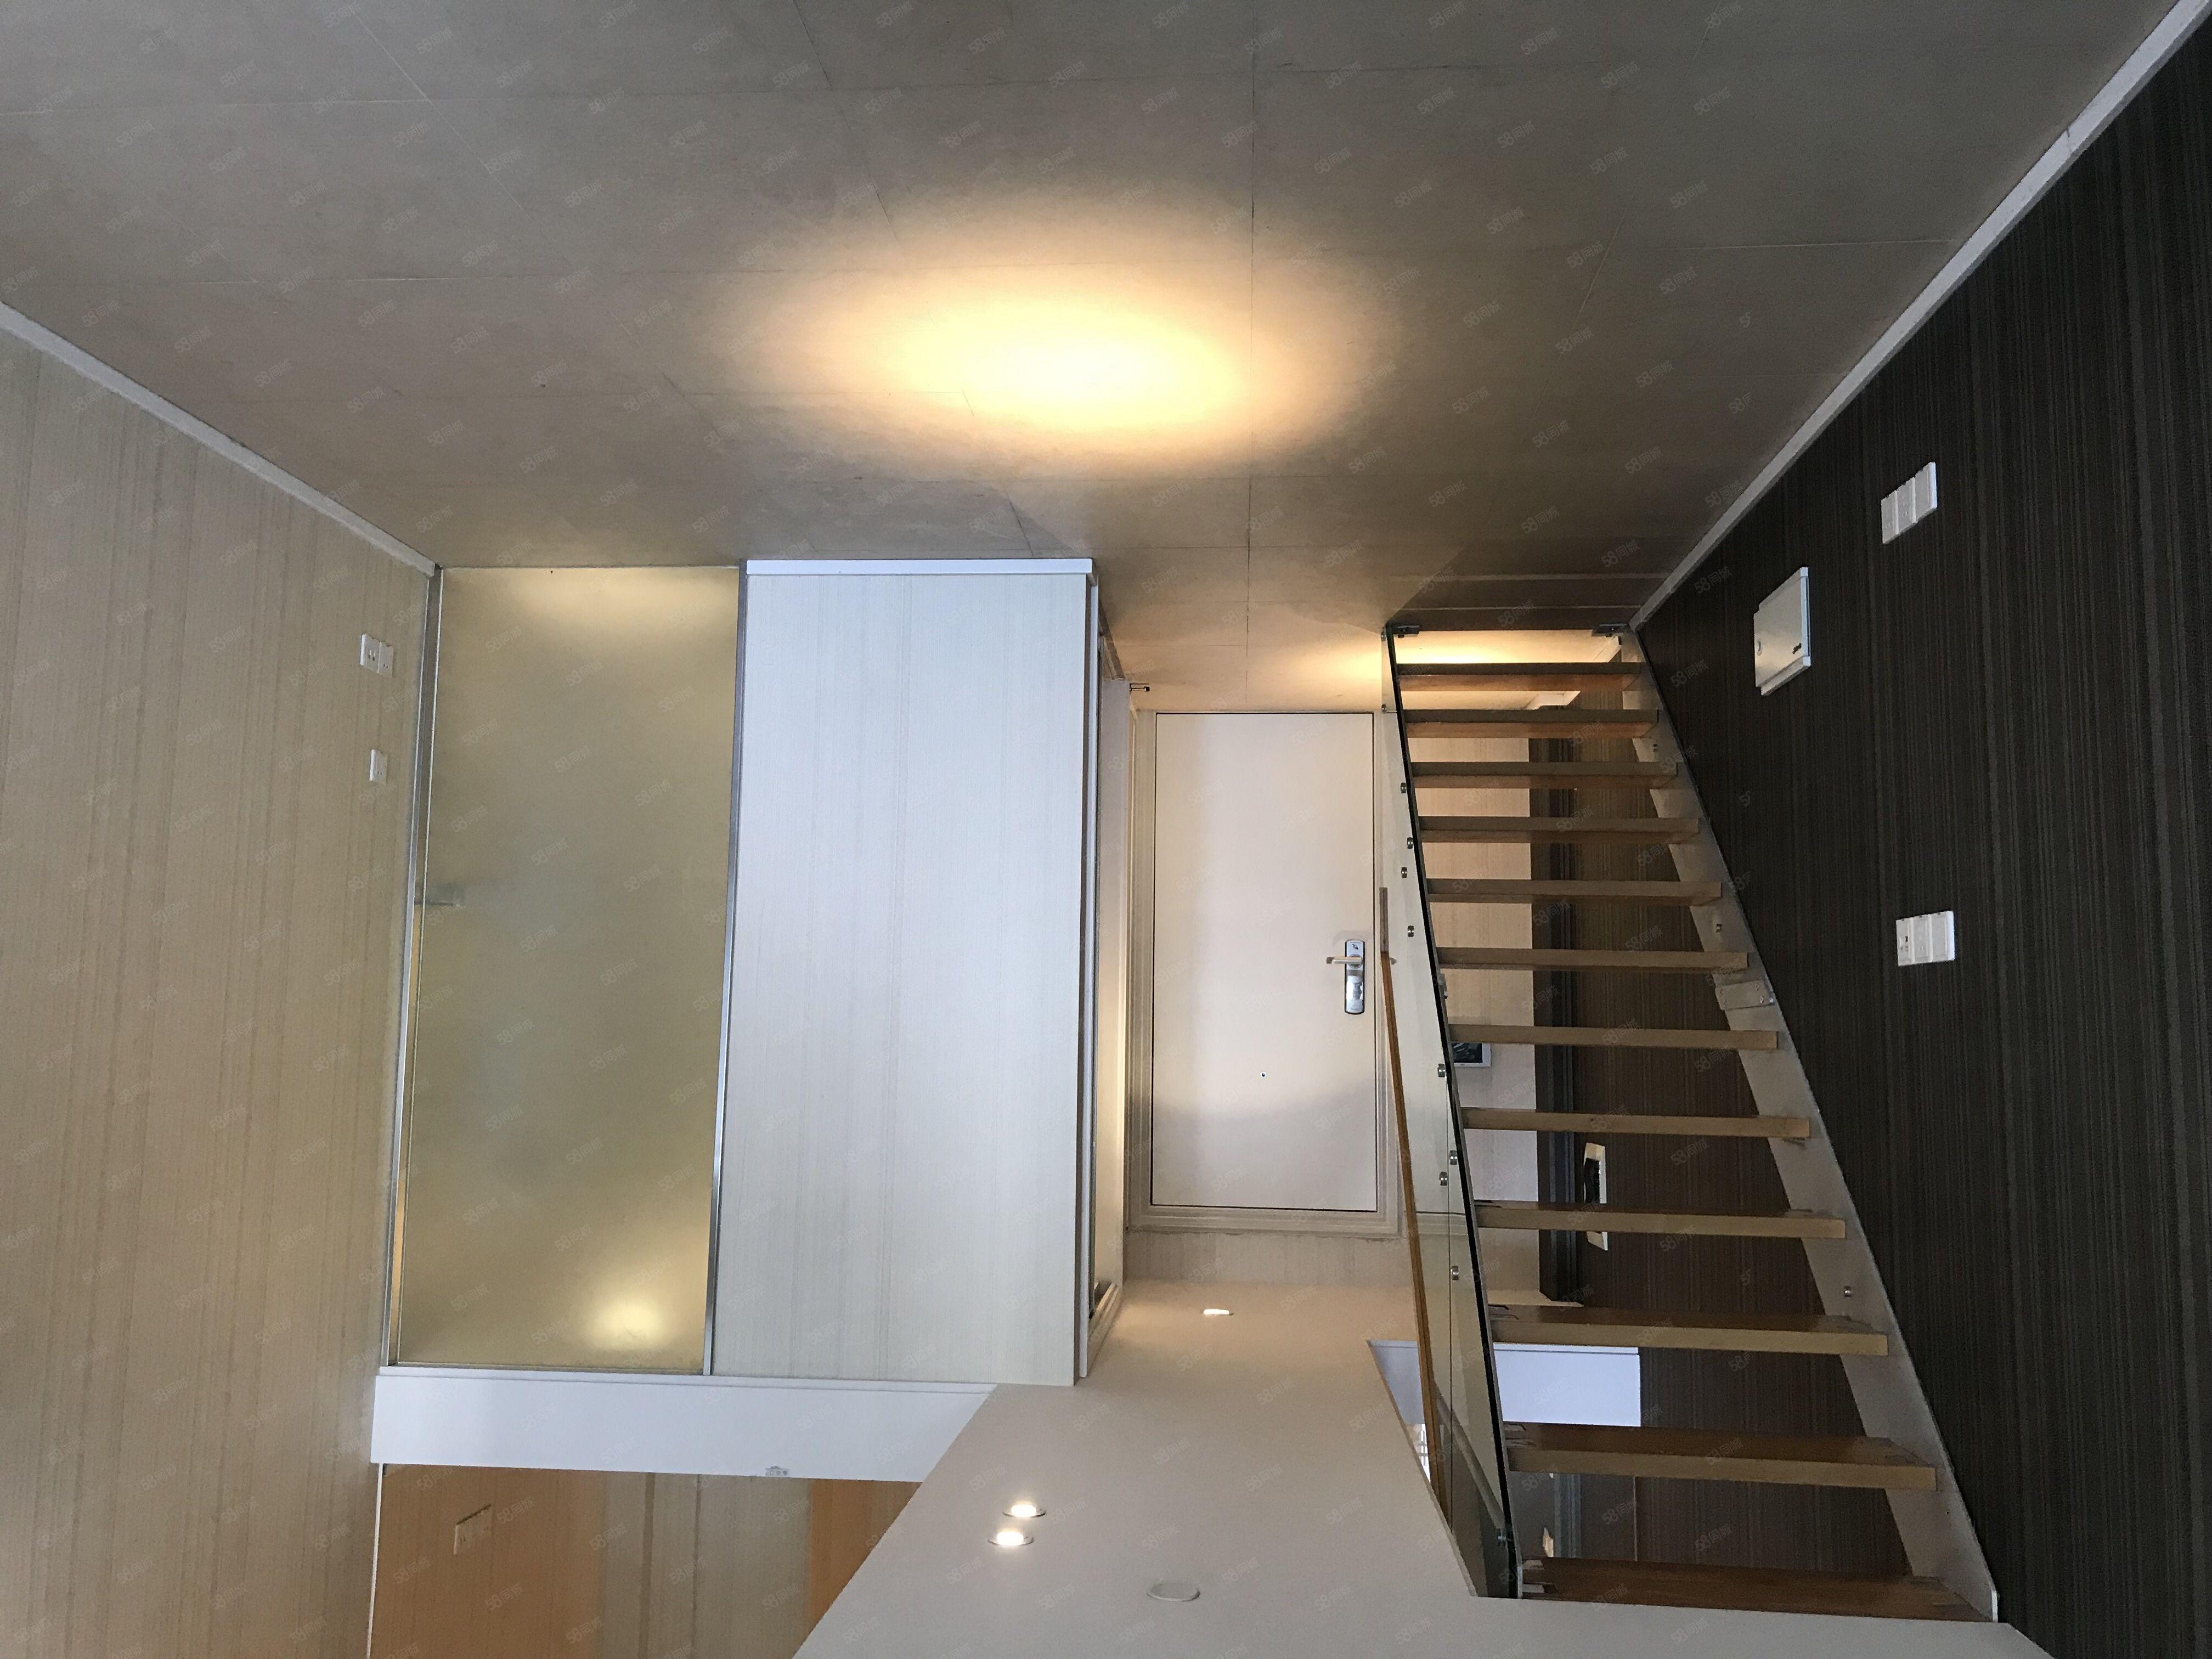 高新區金東岸旁翡翠灣精裝復式45平朝南僅售73萬隨時看房